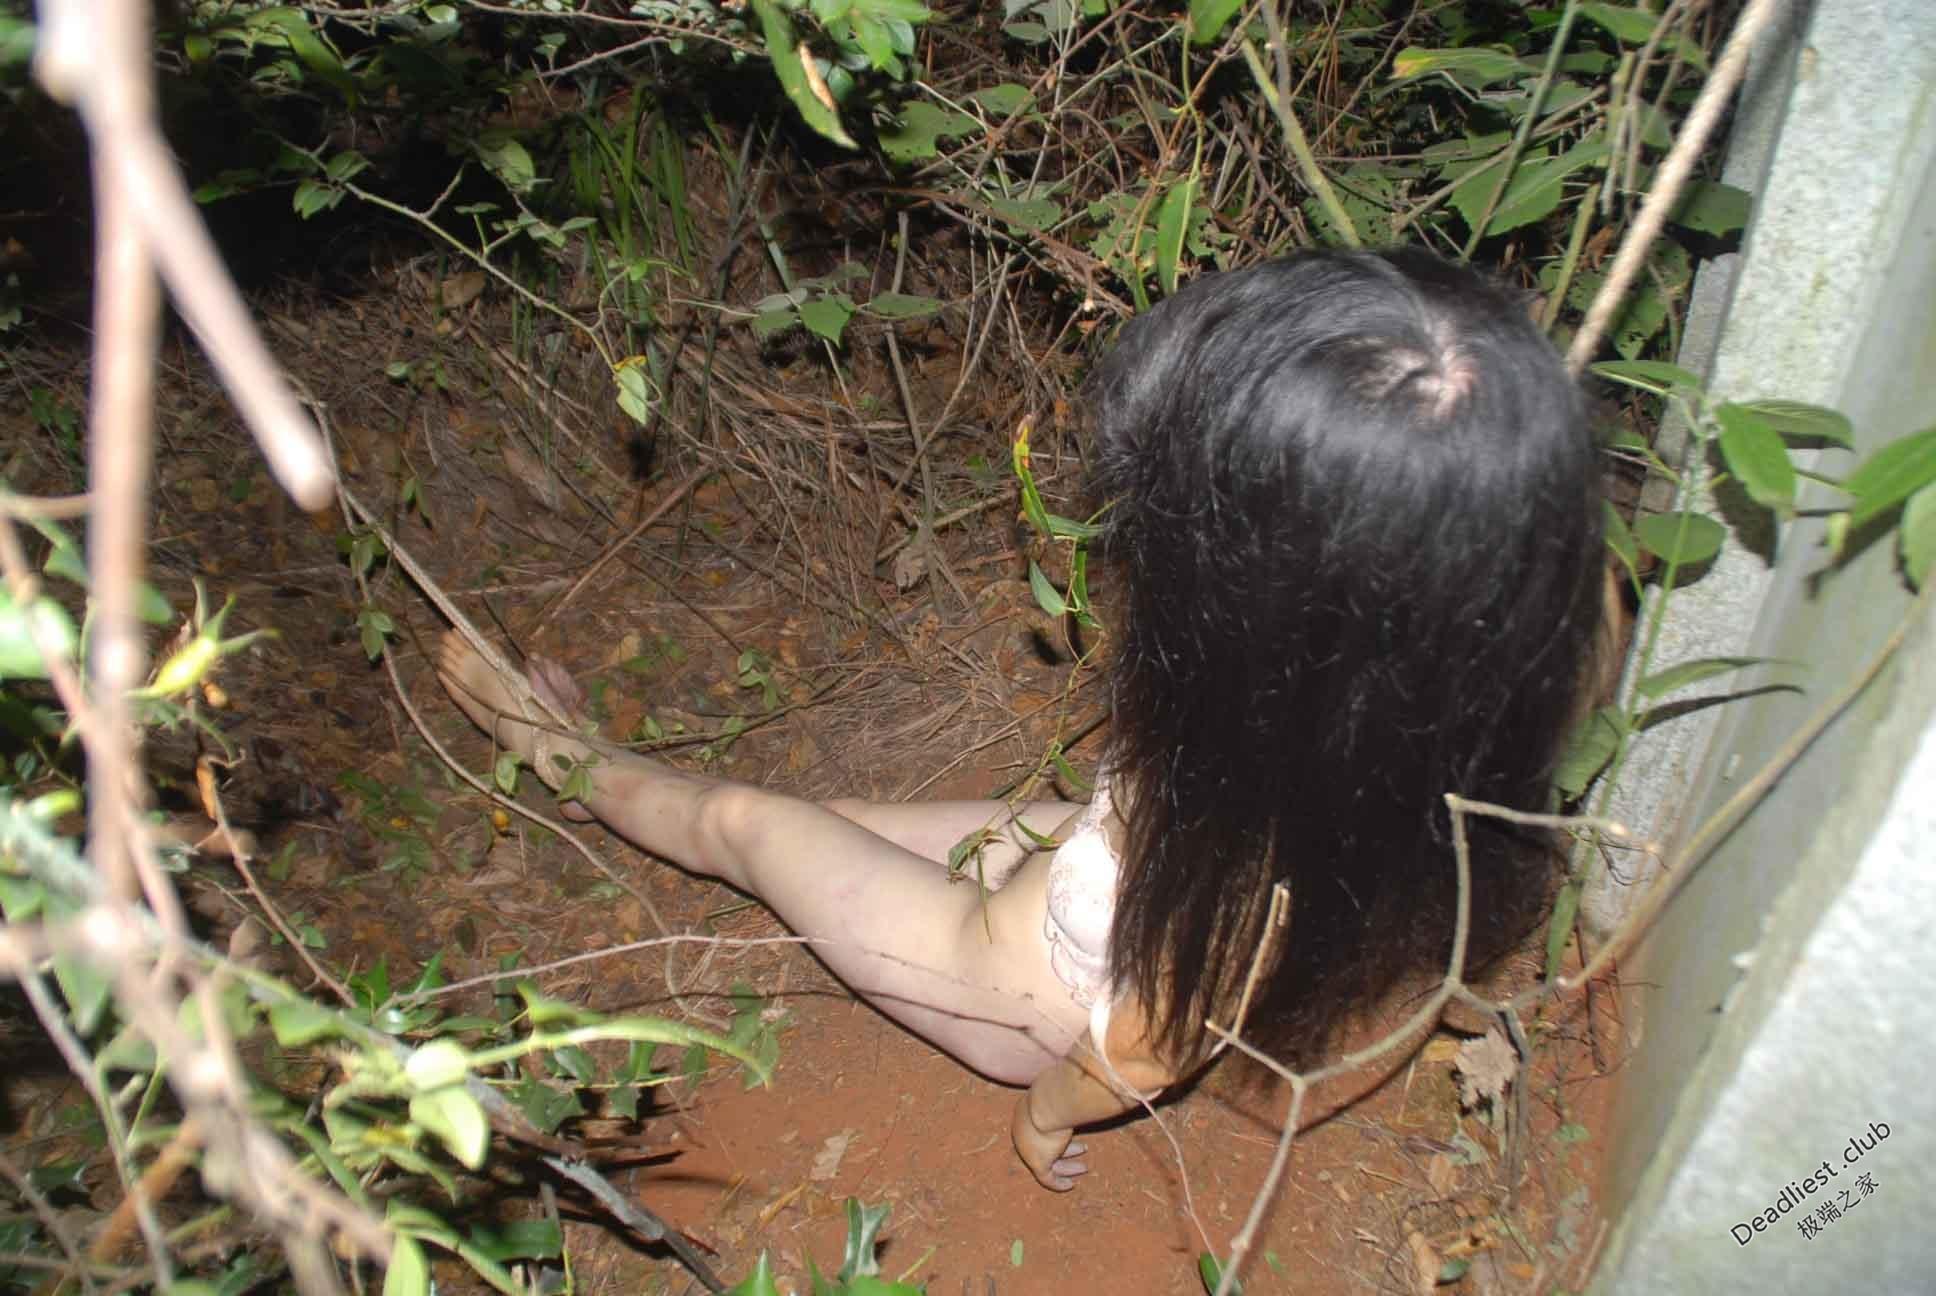 【遺体注意】詳細不明 中国の墓地で発見された若い女性の遺体、レイプ?自殺?(画像)・2枚目